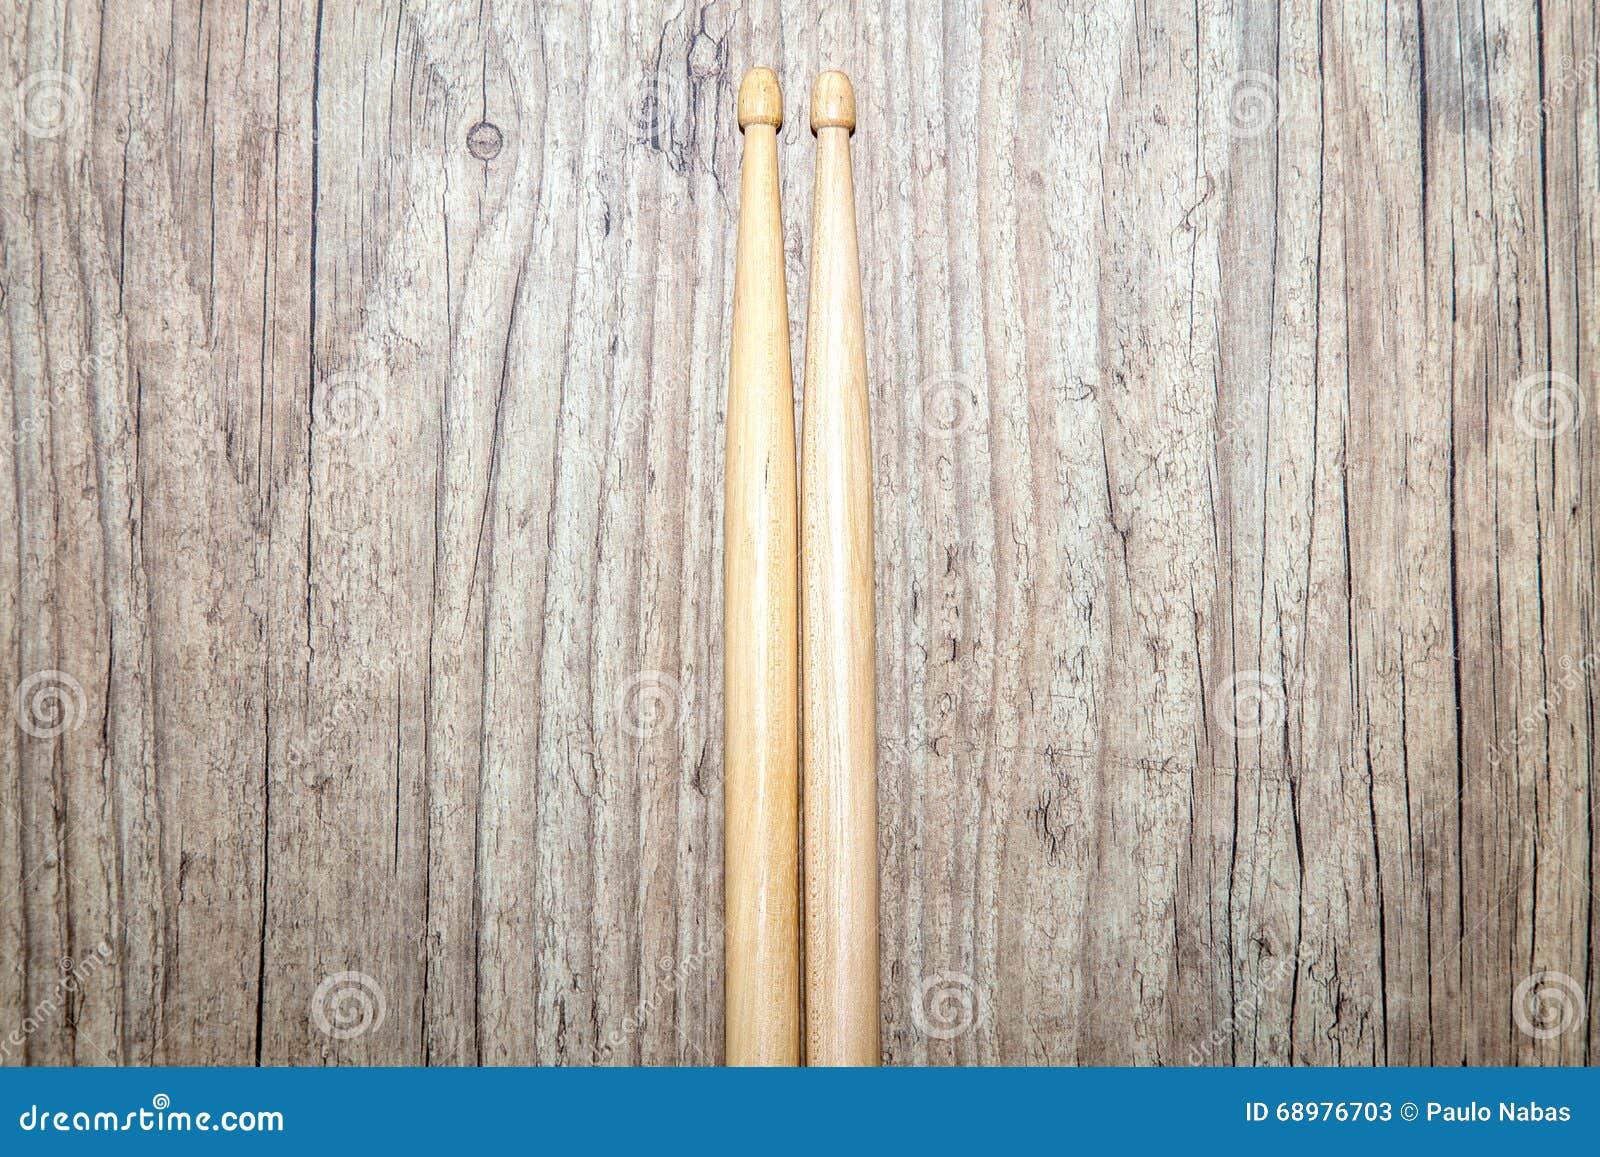 Palillos de madera en el fondo de madera